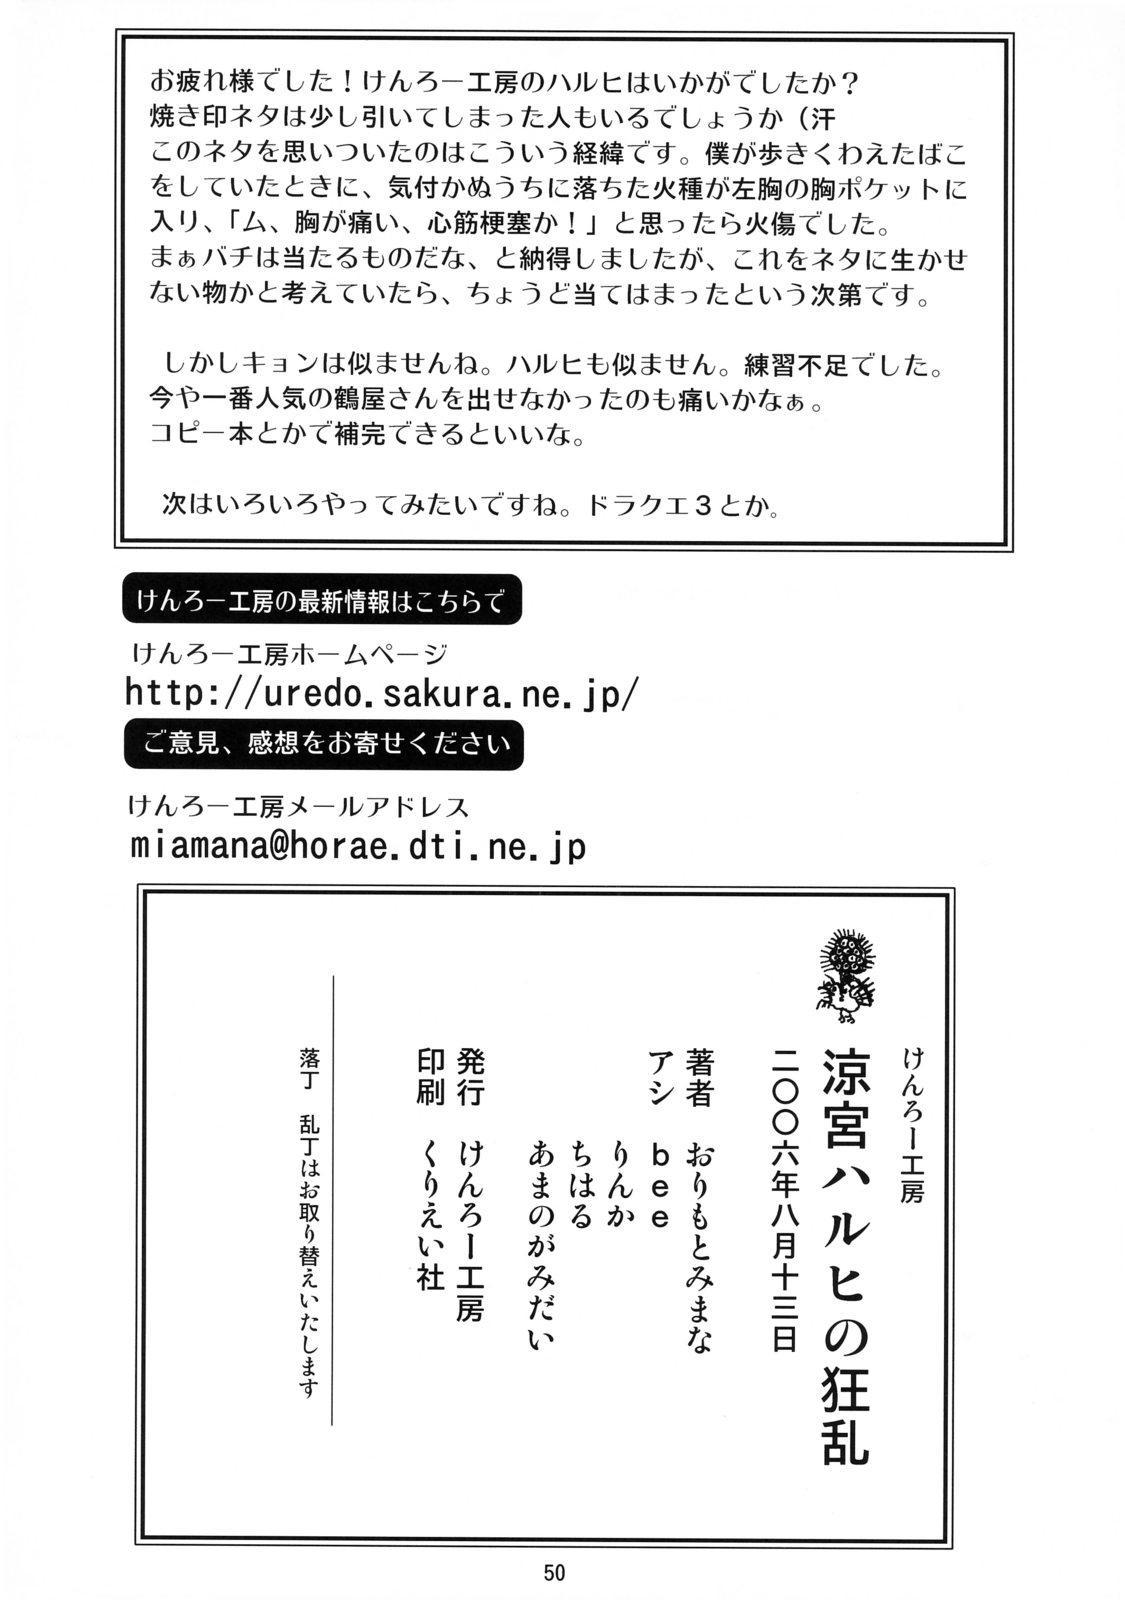 Suzumiya Haruhi no Kyouran 48